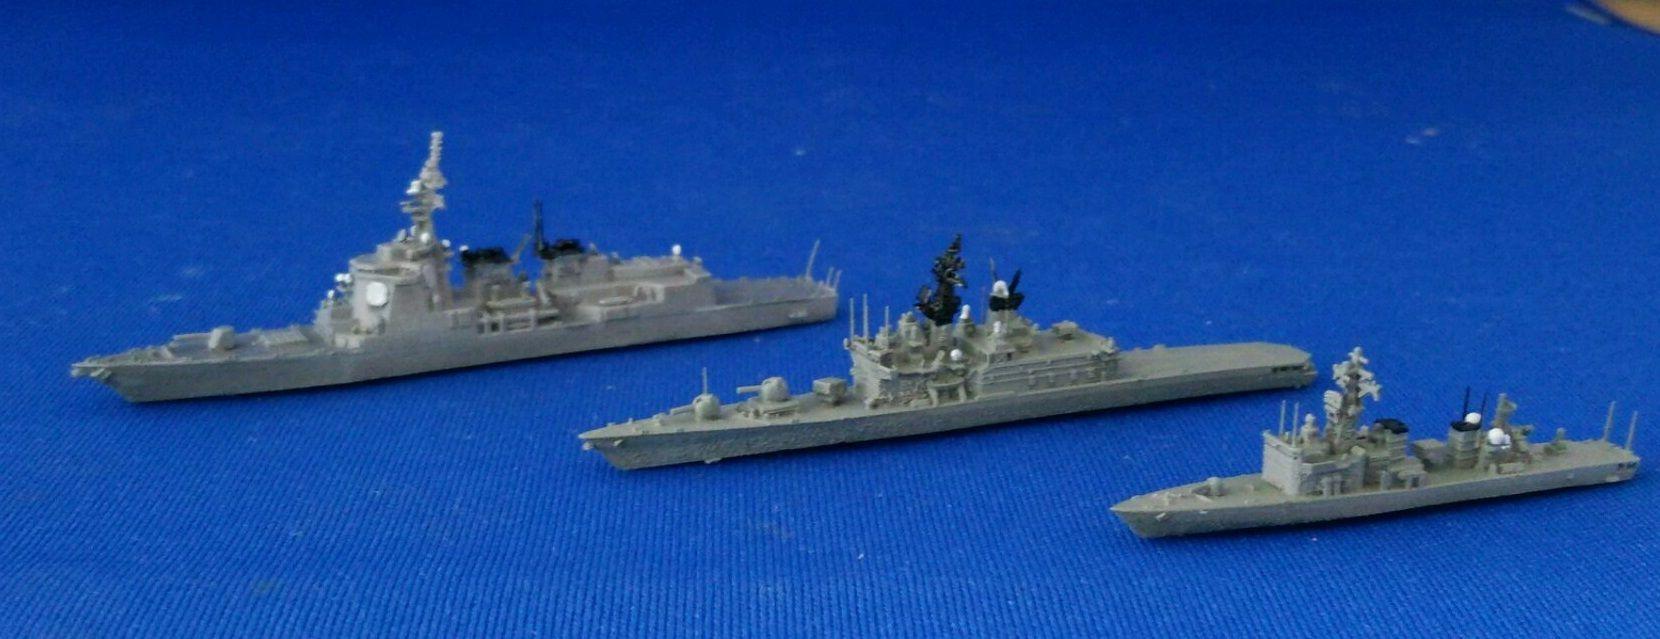 幕之内弁当三次元造形のblog      カテゴリ:海上自衛隊 >  あぶくま型護衛艦  あぶくま型護衛艦をつくるあぶくま型護衛艦が届く1/2000 あぶくま型護衛艦を塗ってみる                  tmakunouchi2013